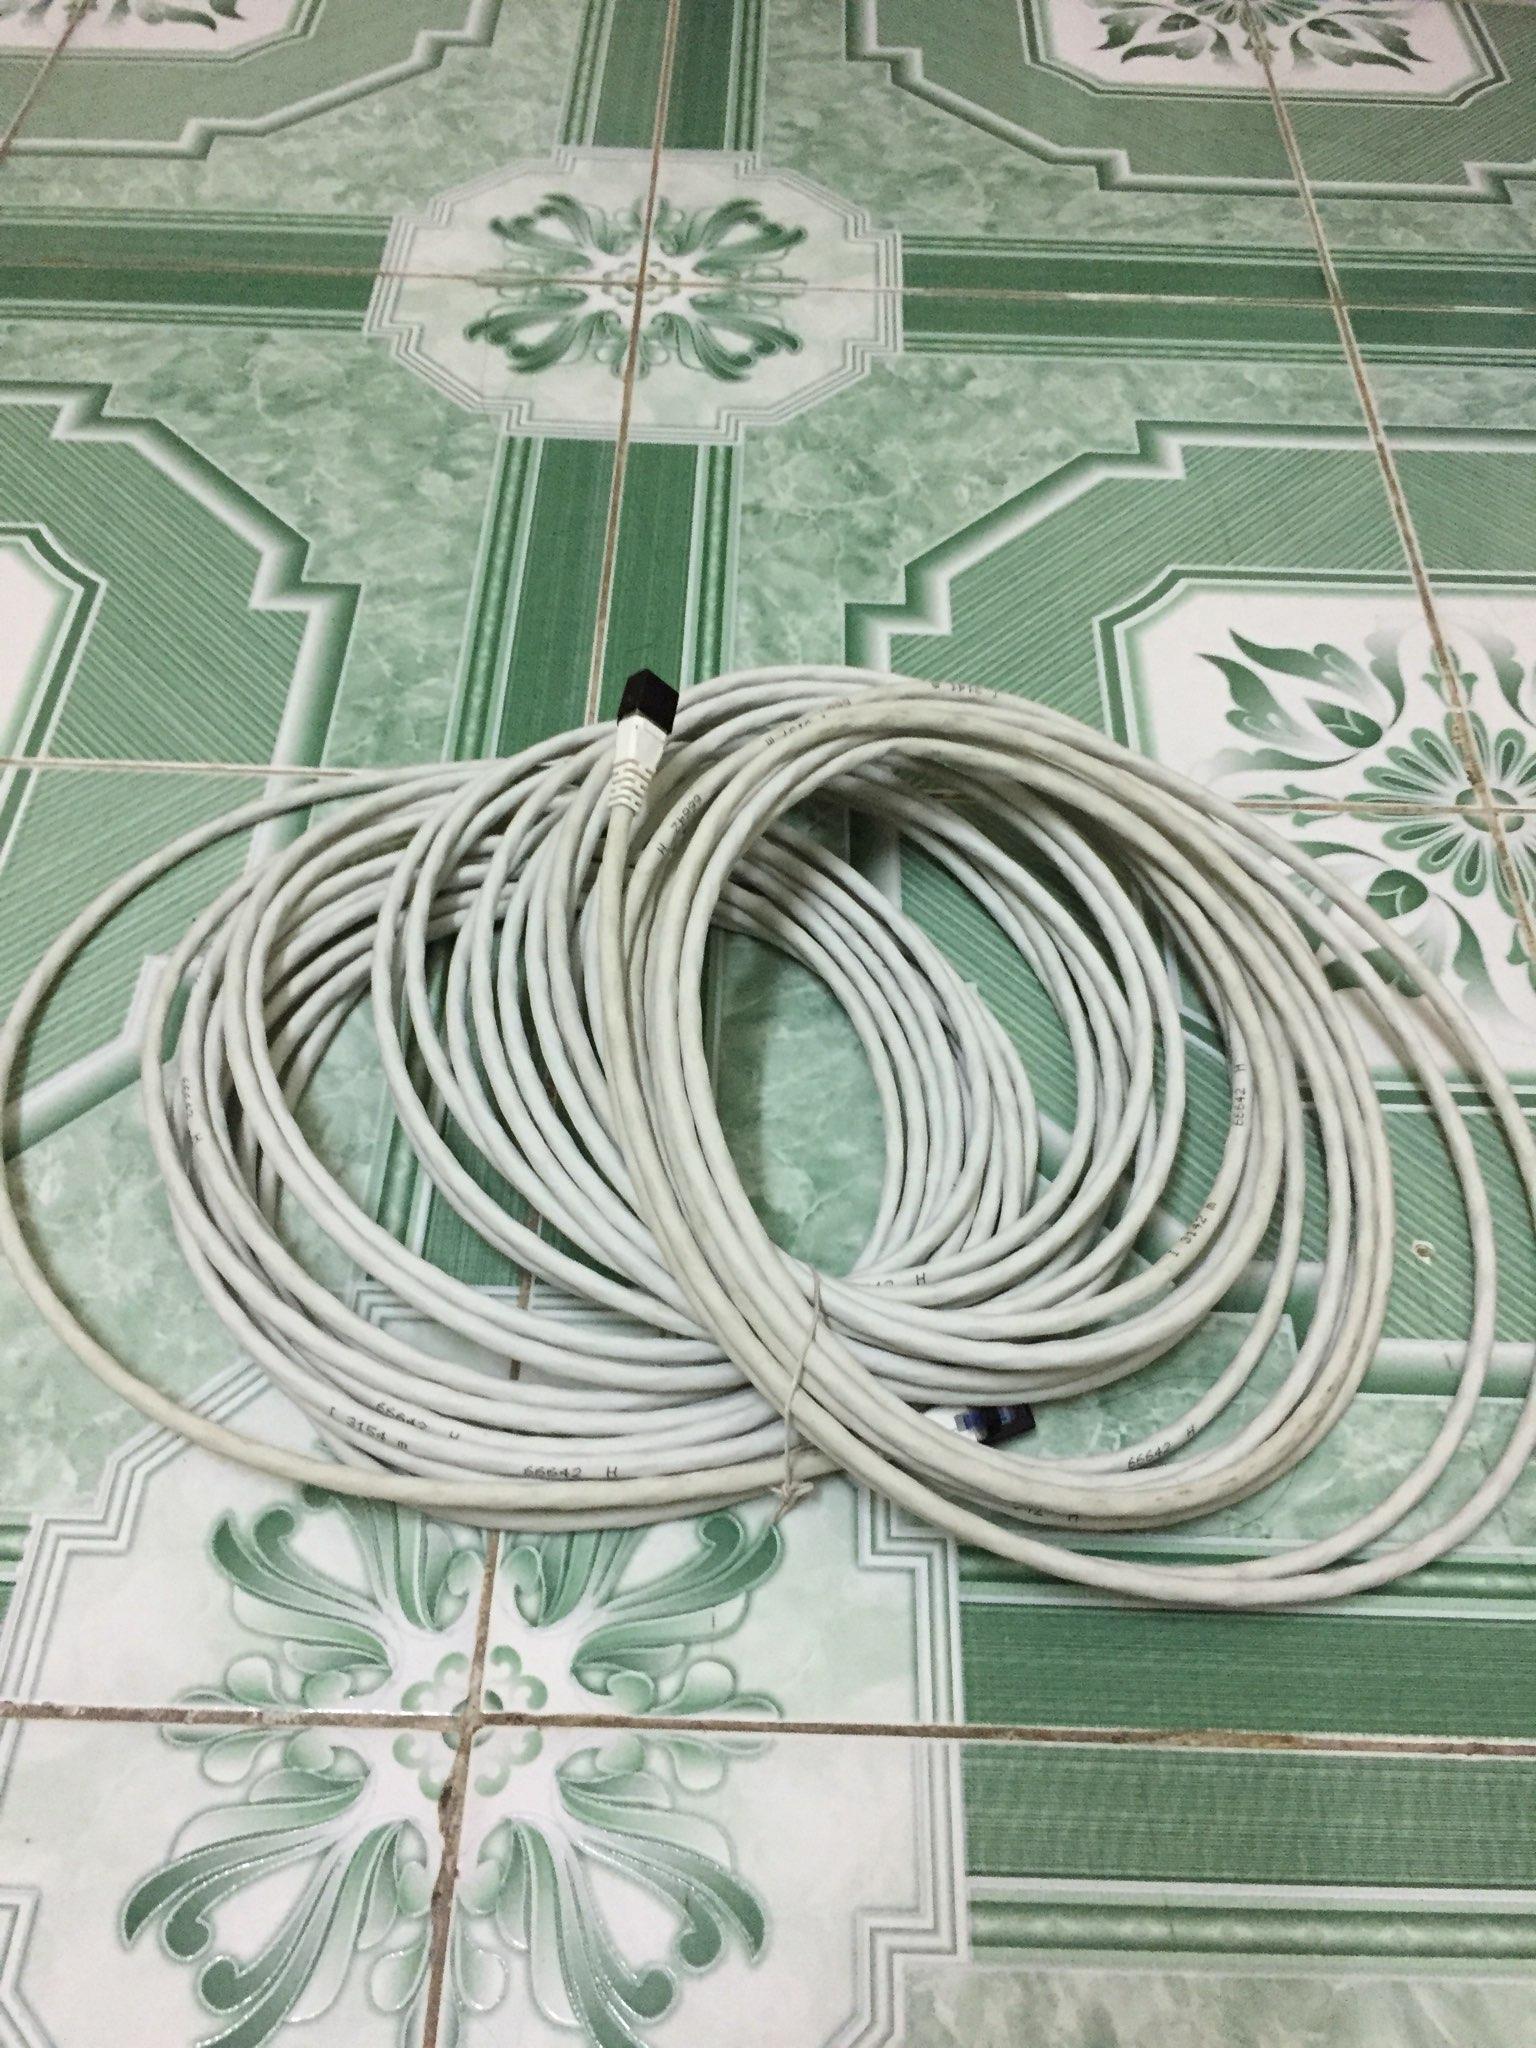 9FA68DDC-2A64-4E04-9E15-D4B2EEE755A5.jpg